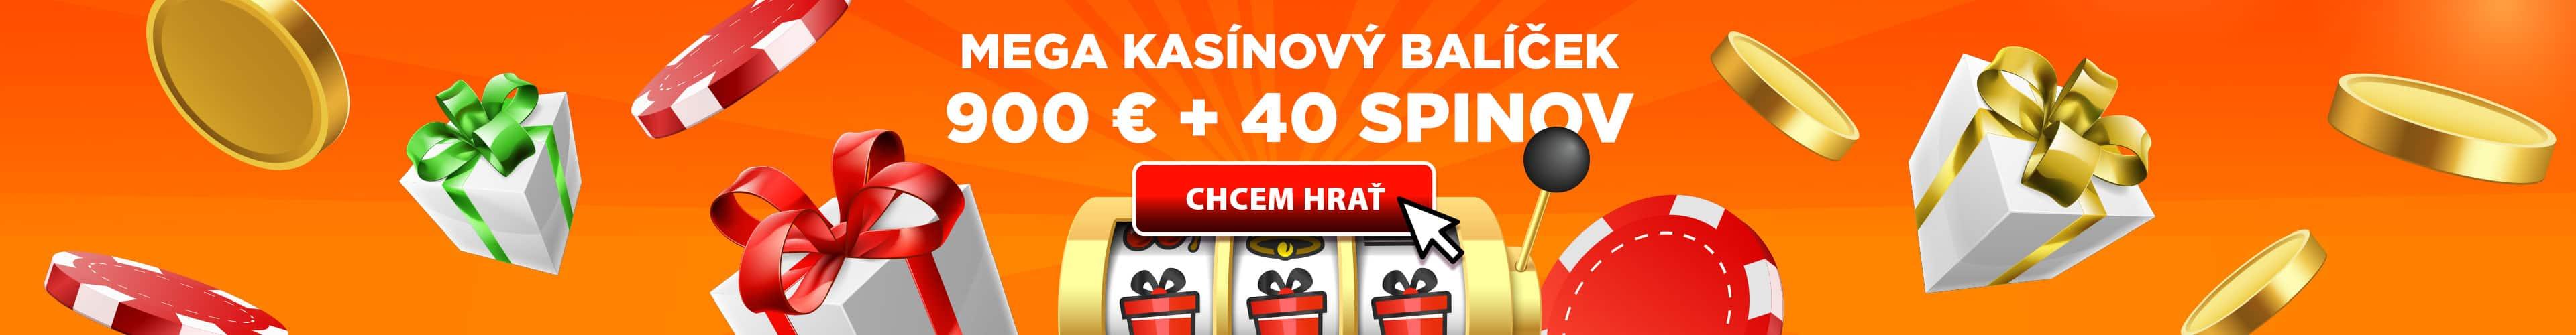 Mega kasínový balíček od eTIPOS.sk